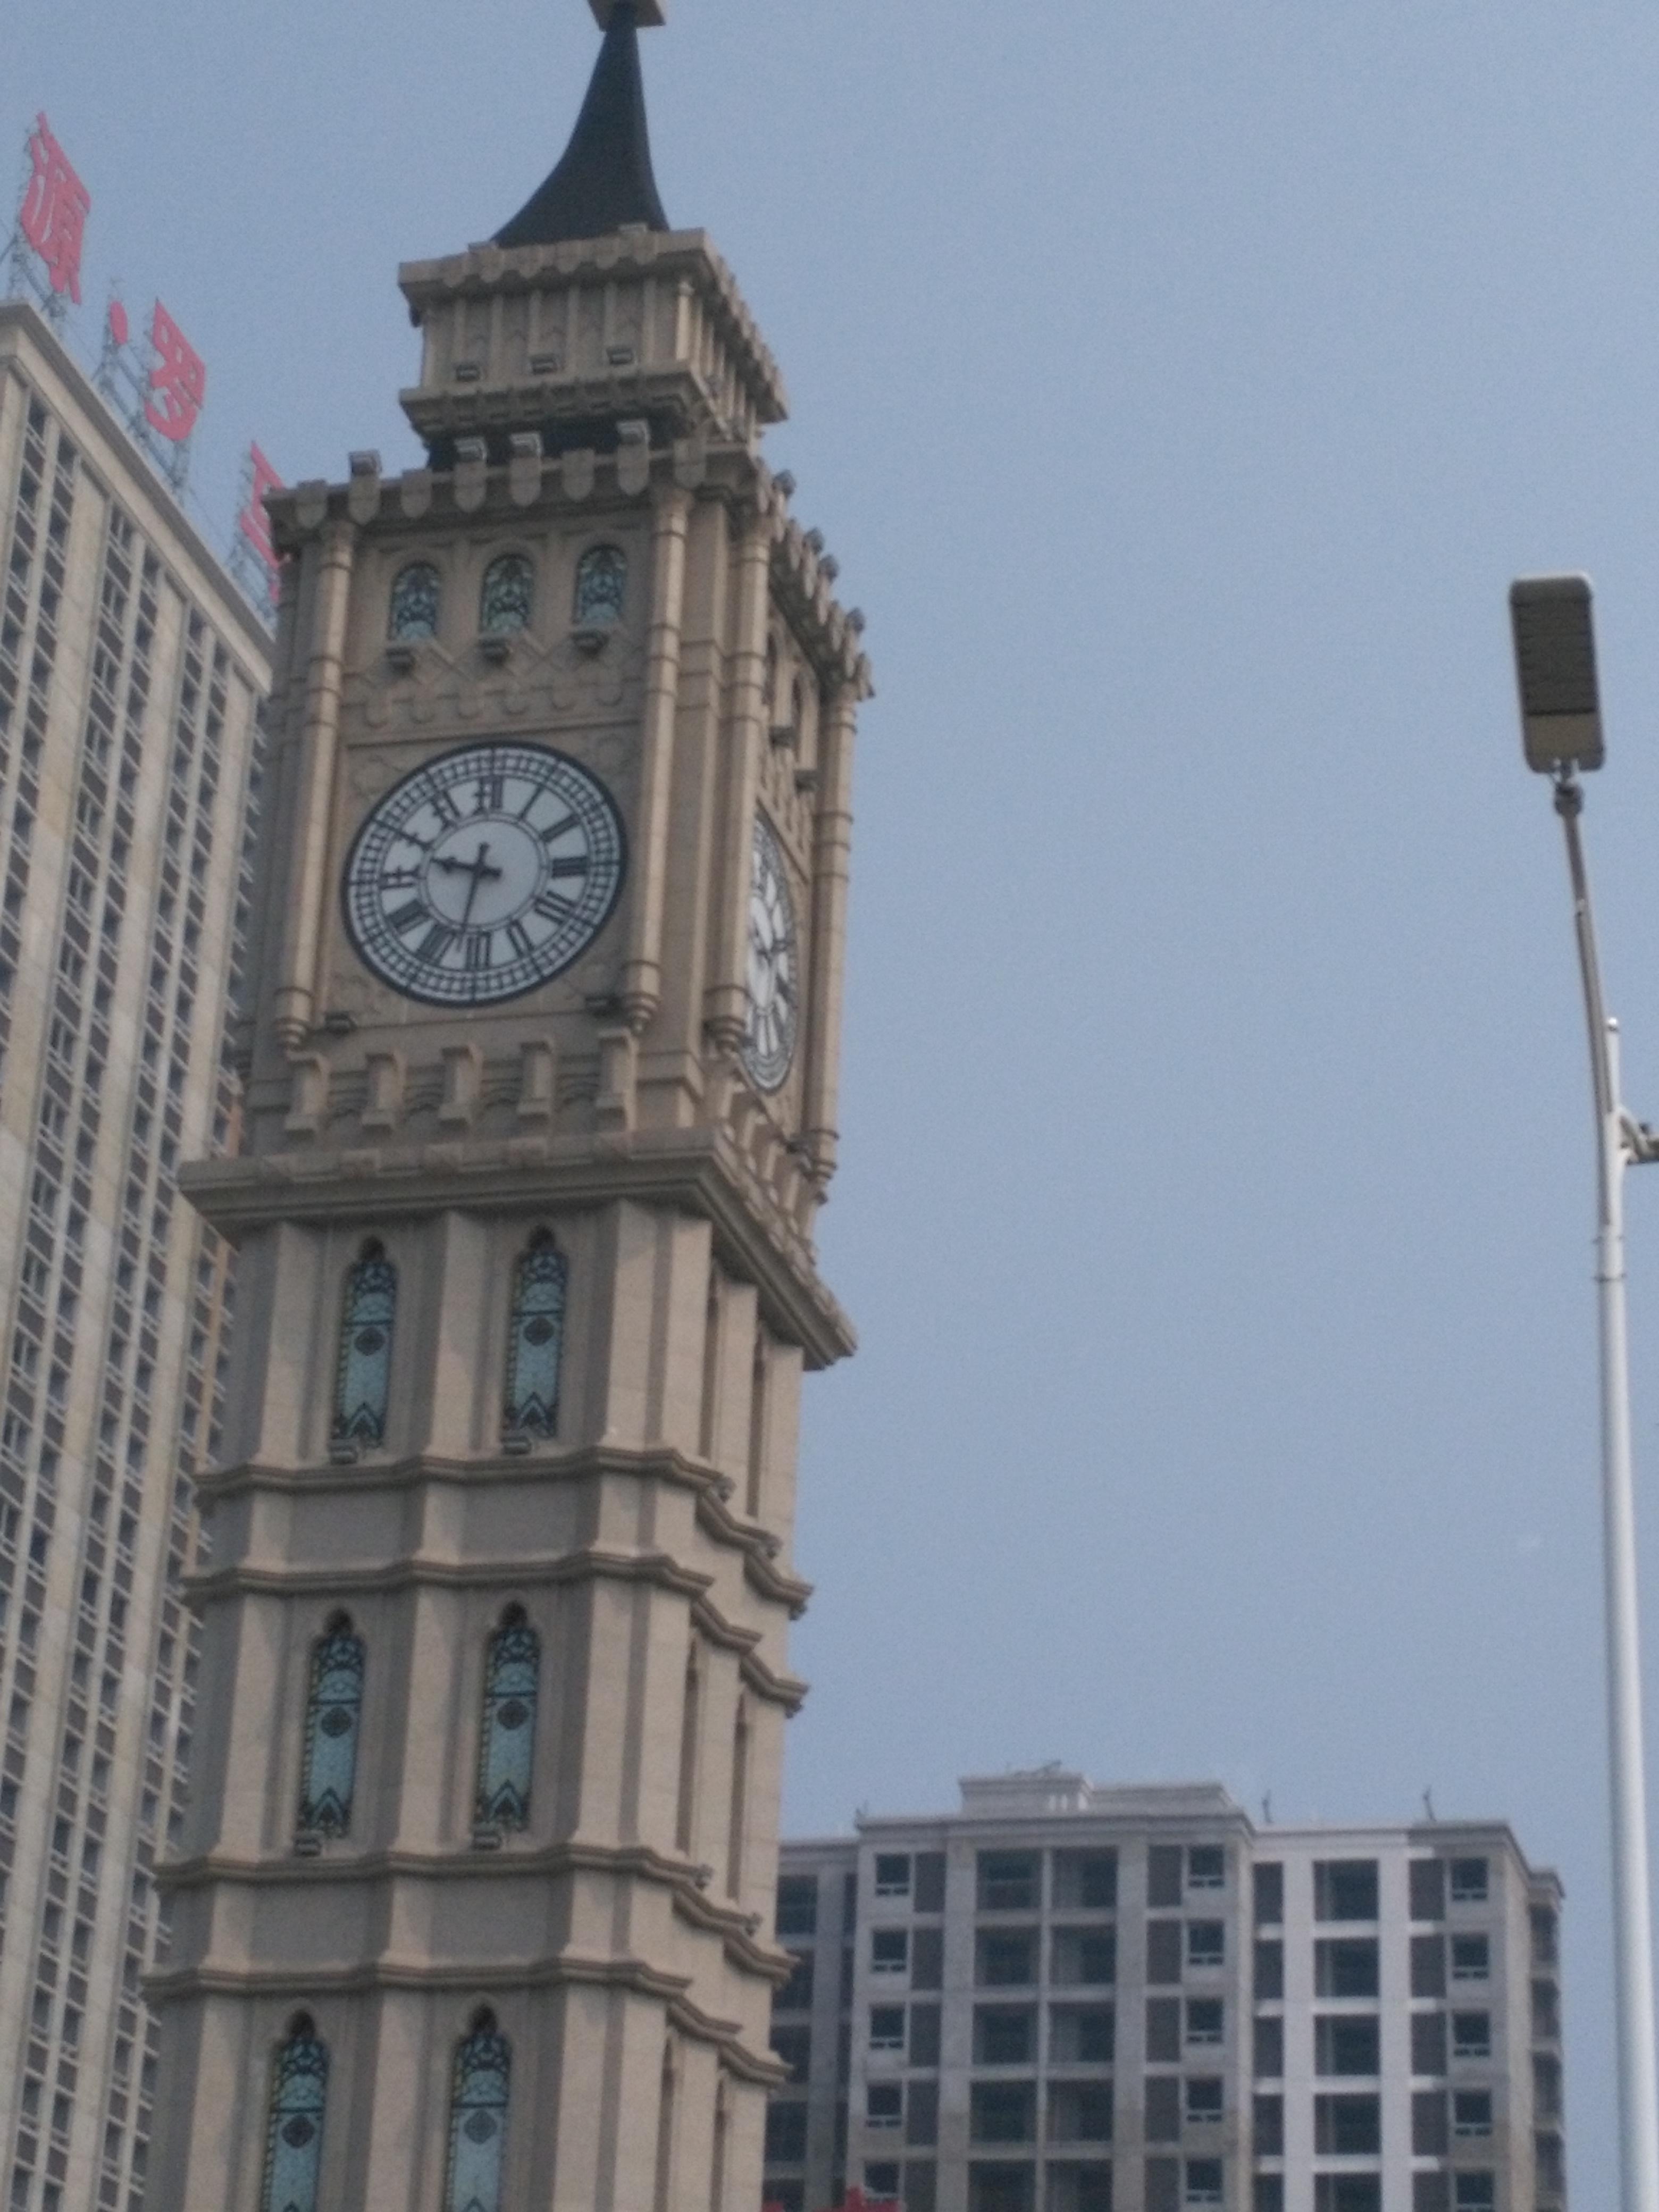 塔钟. 花坛塔钟.江西塔钟哪里找烟台启明时钟.建筑塔钟.塔钟价格